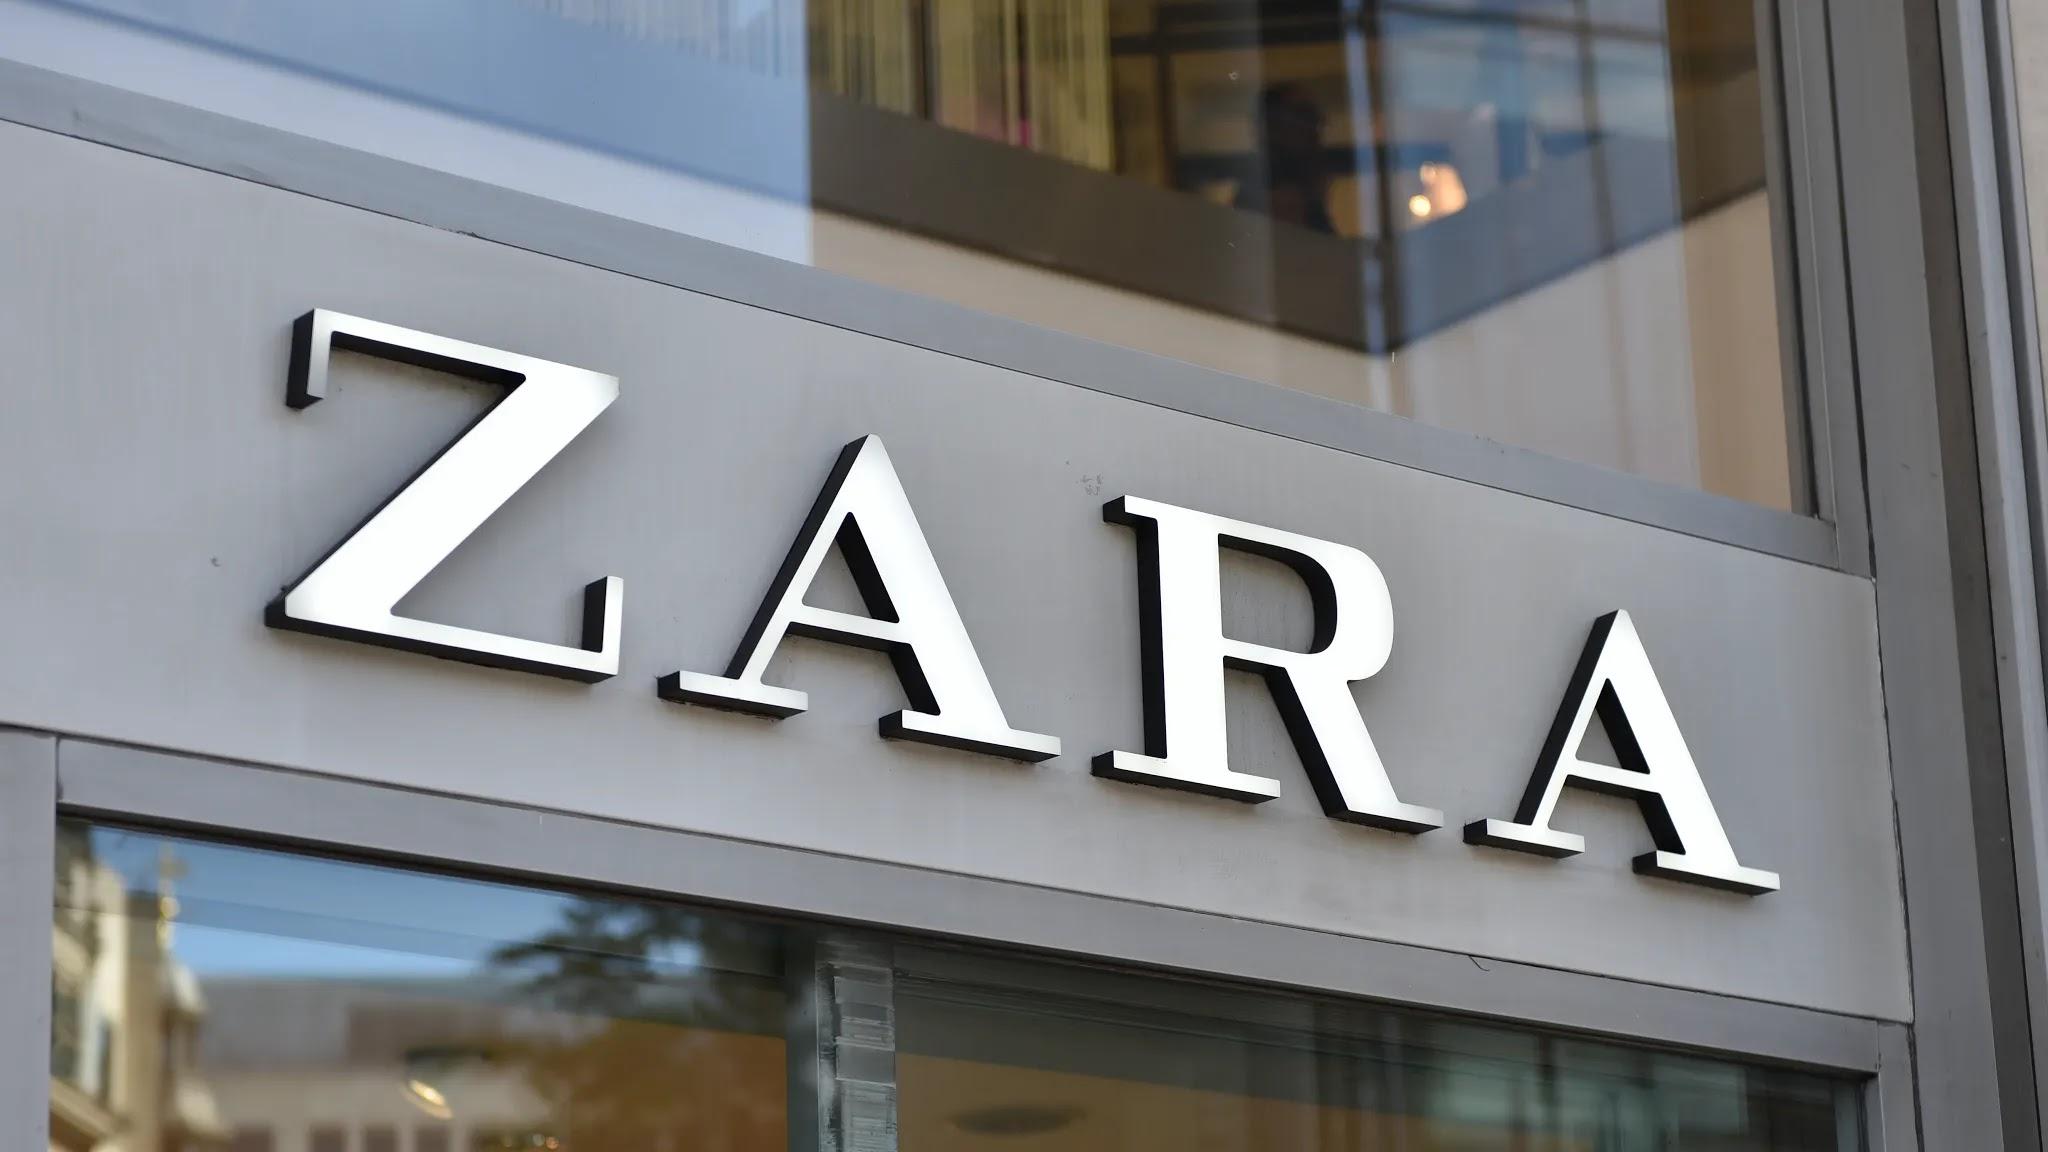 وظائف محلات zara راتب يصل إلي 6000 جنية